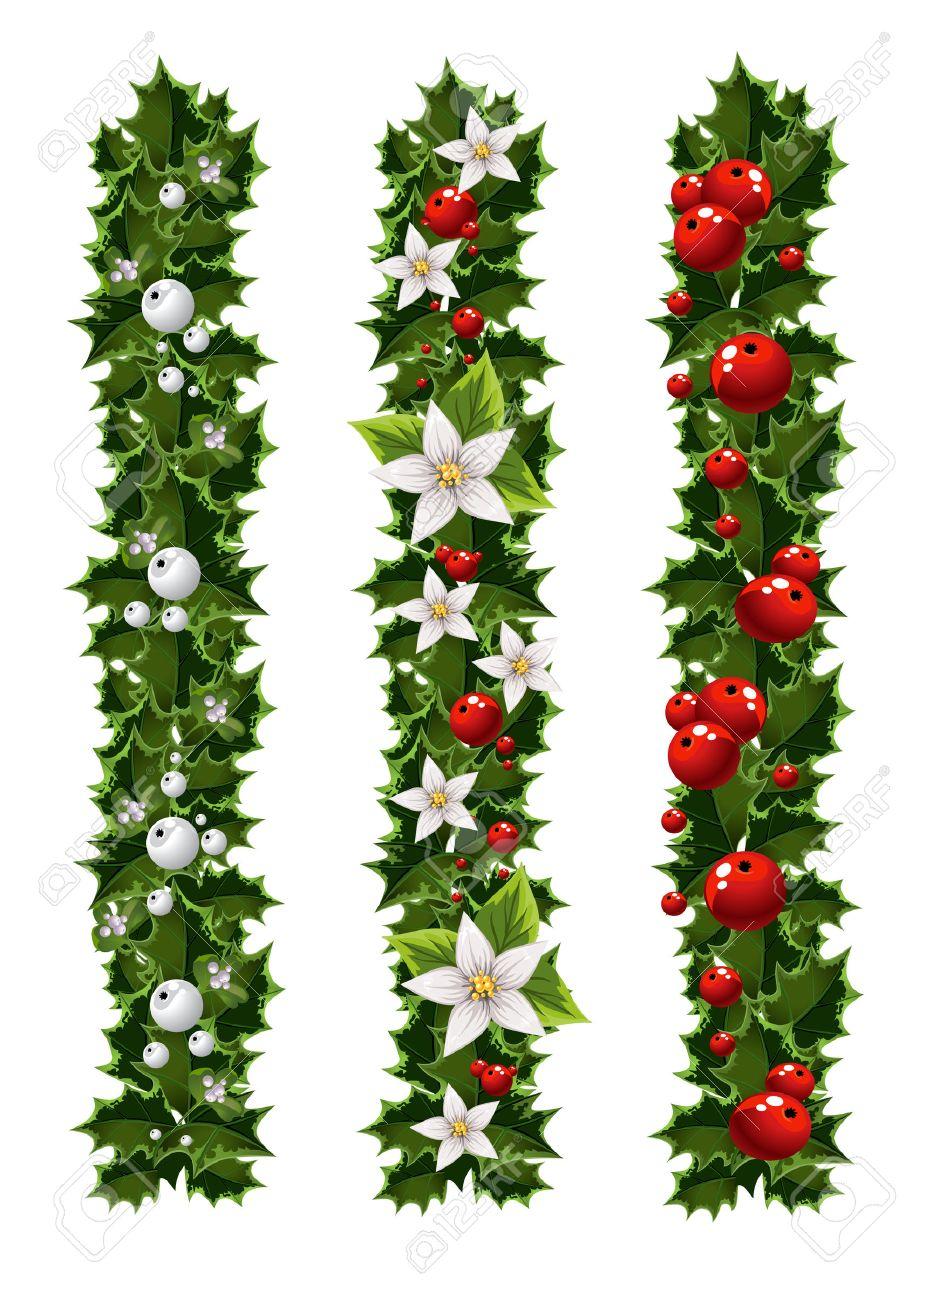 Guirnaldas De Navidad Imagenes.Verde Navidad Guirnaldas De Acebo Y Muerdago